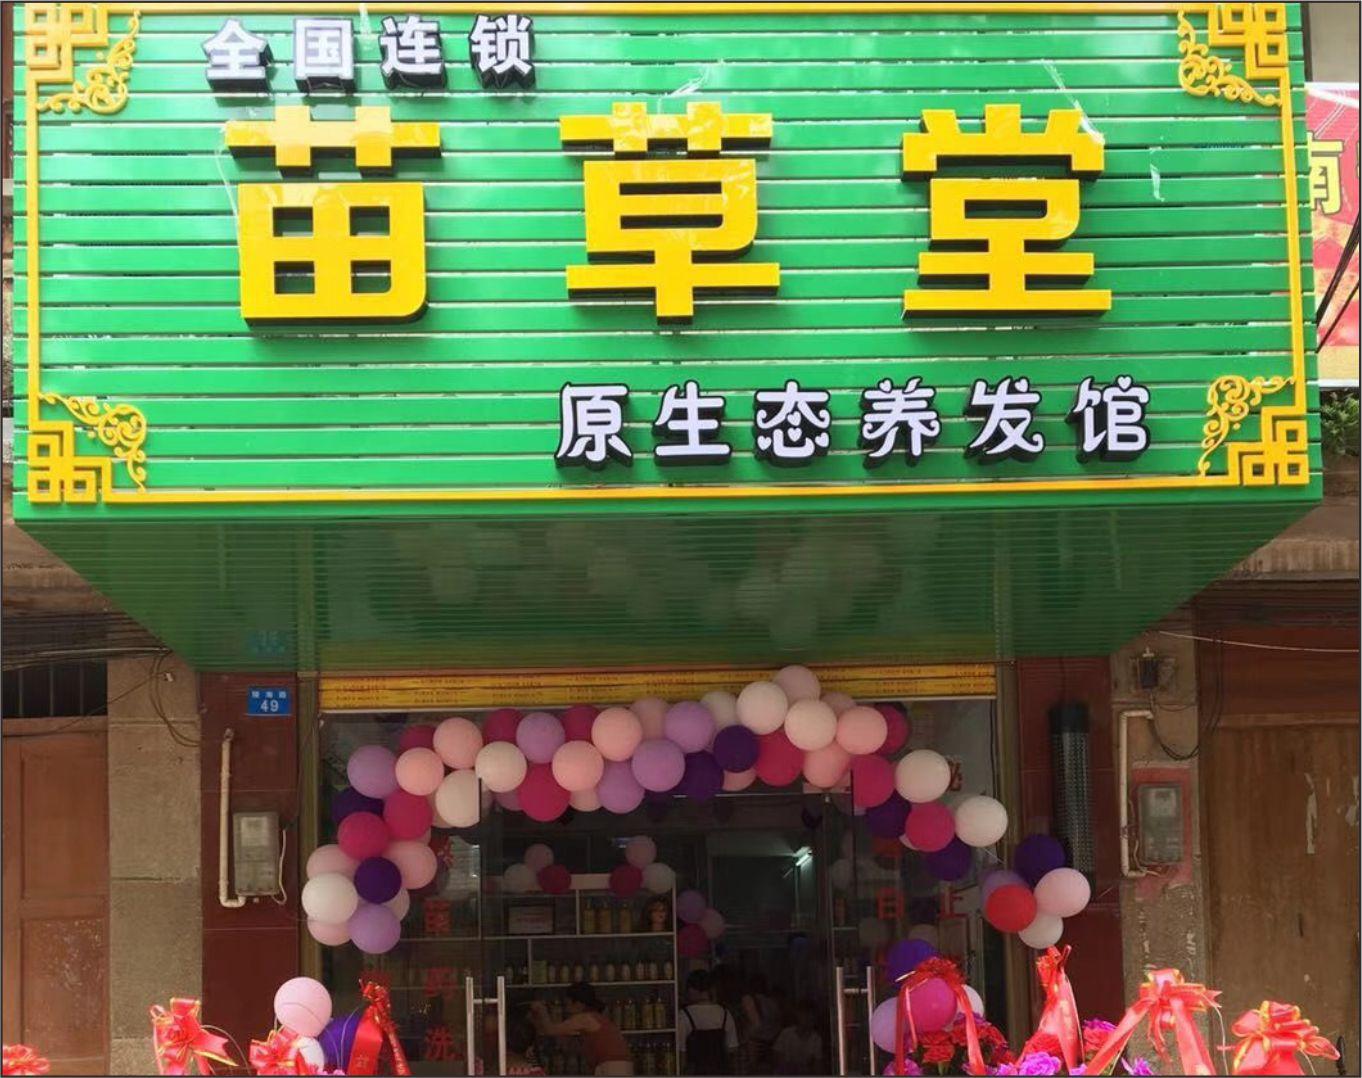 苗千亿国际客户端广西金陵店